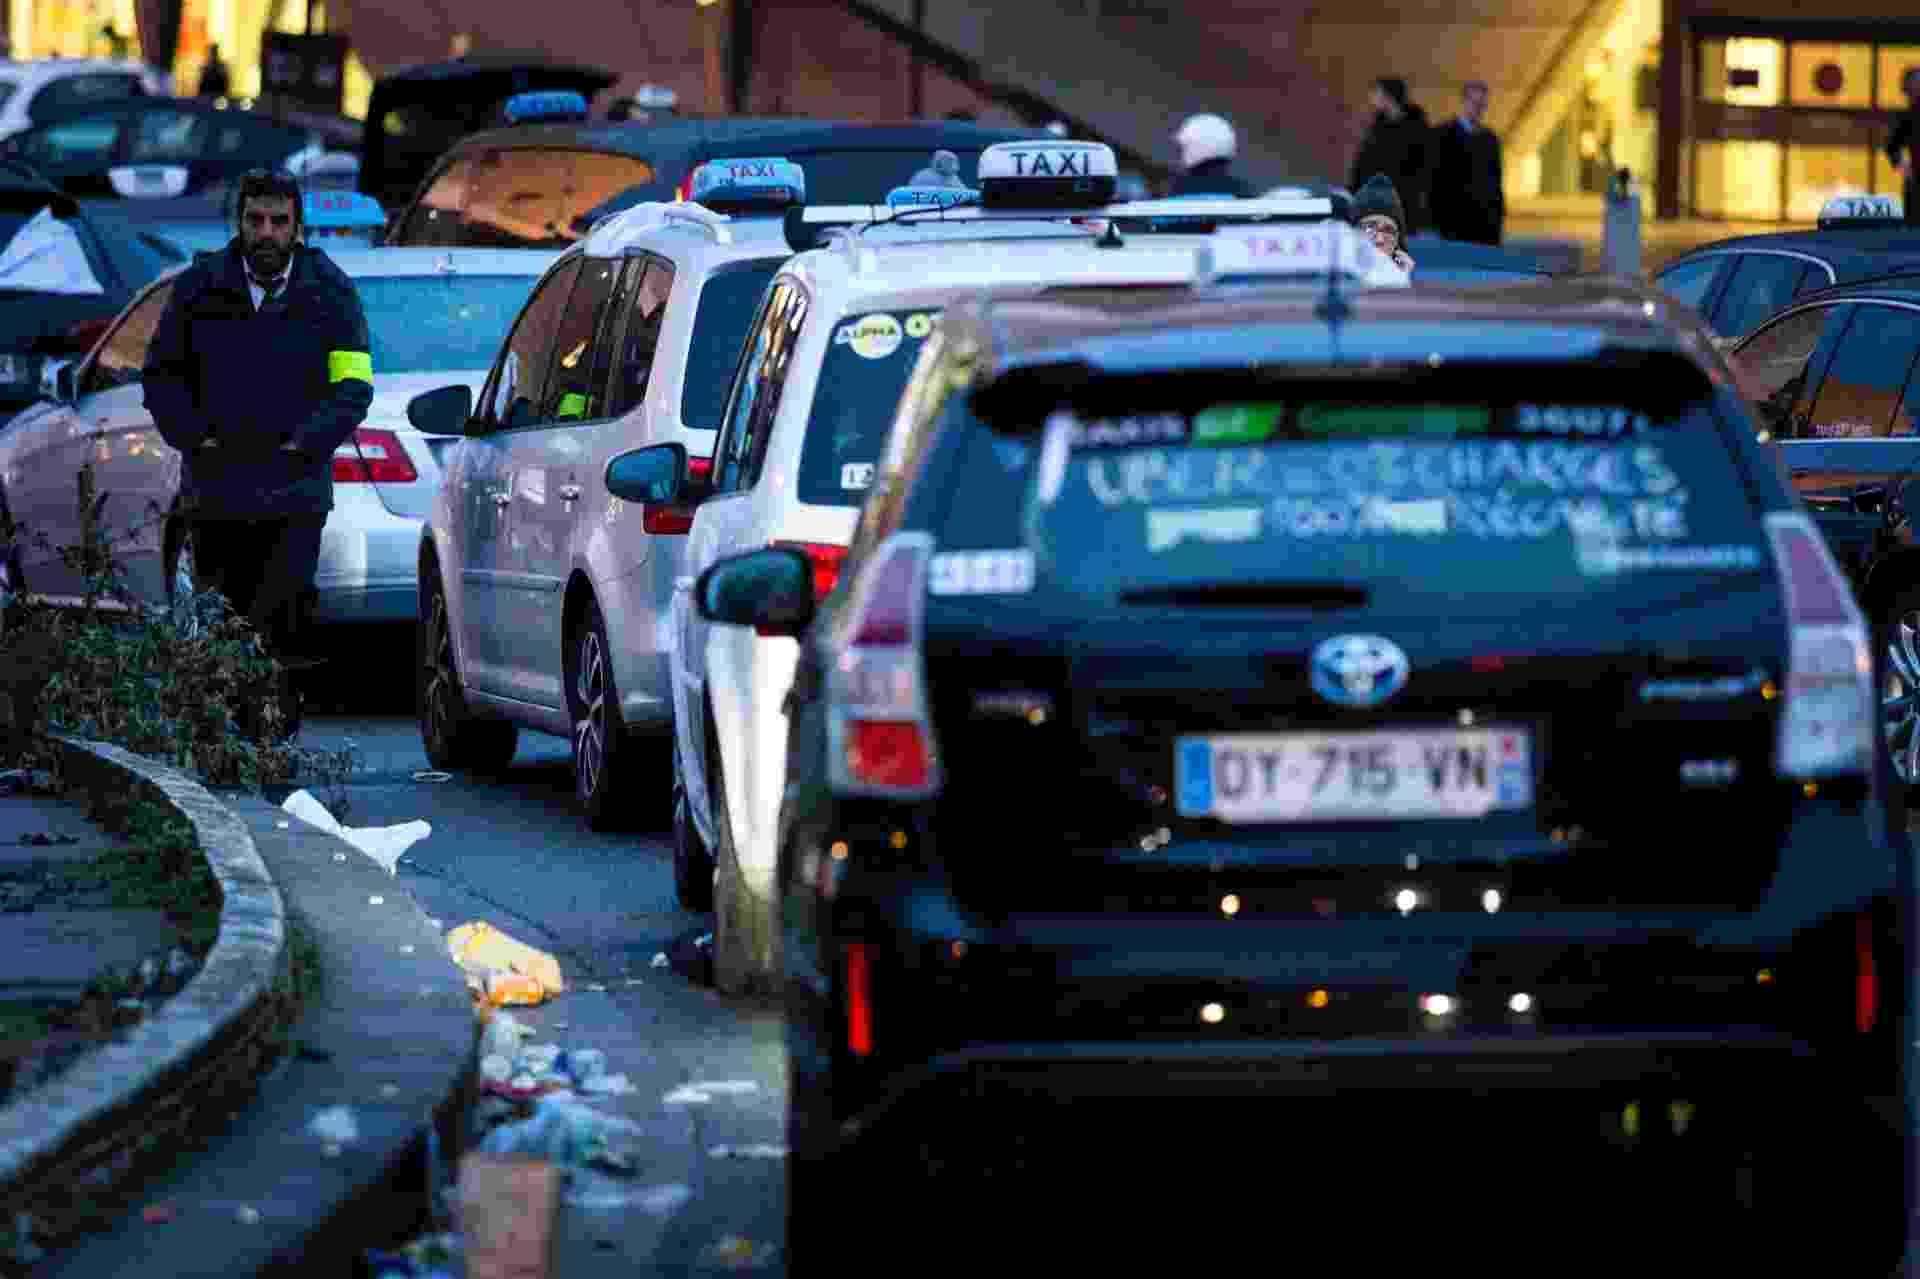 28.jan.2016 - Táxis fecham via durante protesto em Porte Maillot, em Paris, contra serviços de transporte privado. Os taxistas reclamam da concorrência com o aplicativo Uber com outros serviços de táxis não licenciados - Geoffroy Van Der Hasselt/AFP